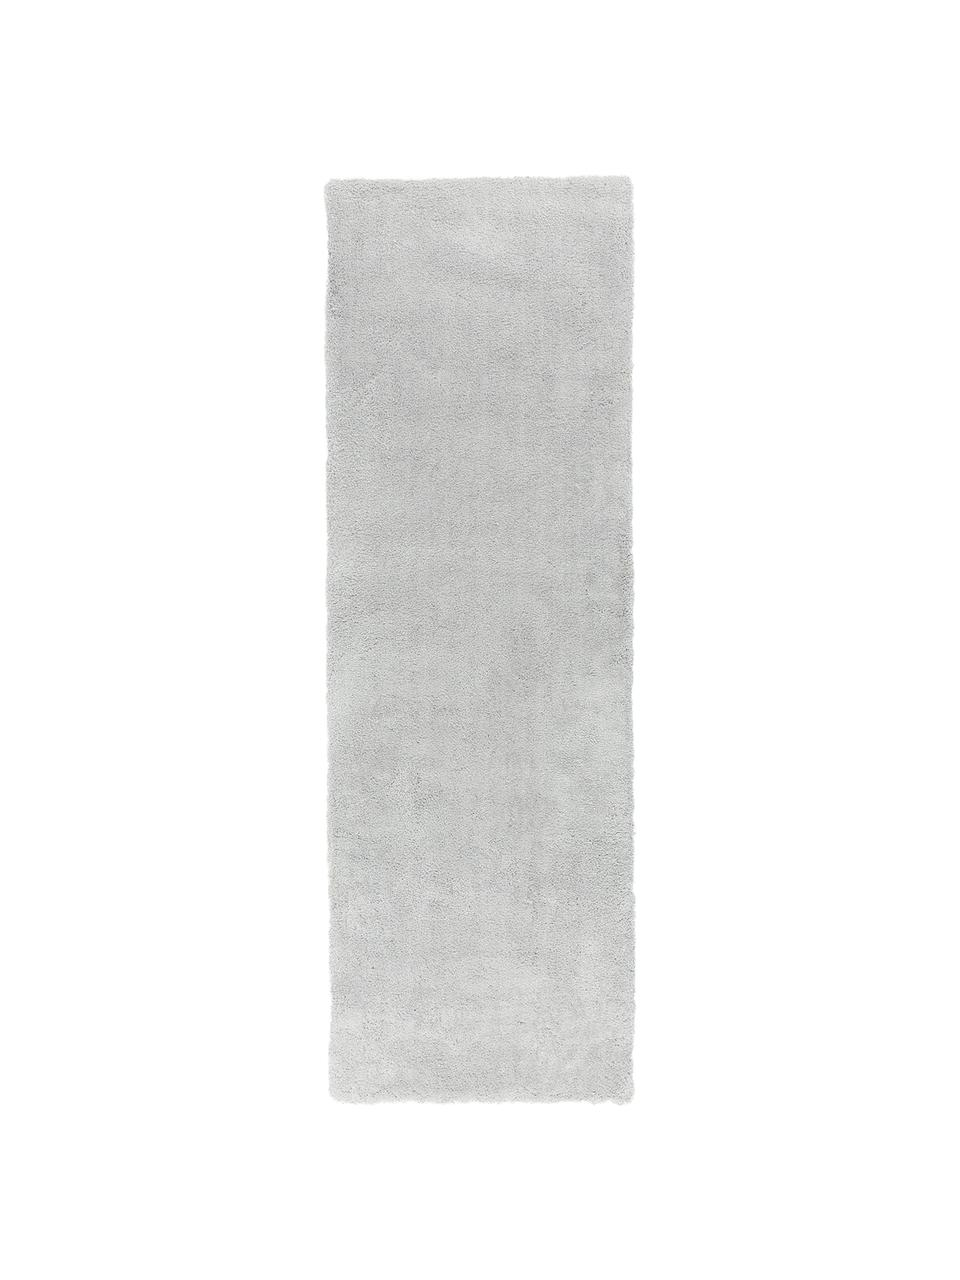 Puszysty chodnik z wysokim stosem Leighton, Jasny szary, S 80 x D 250 cm